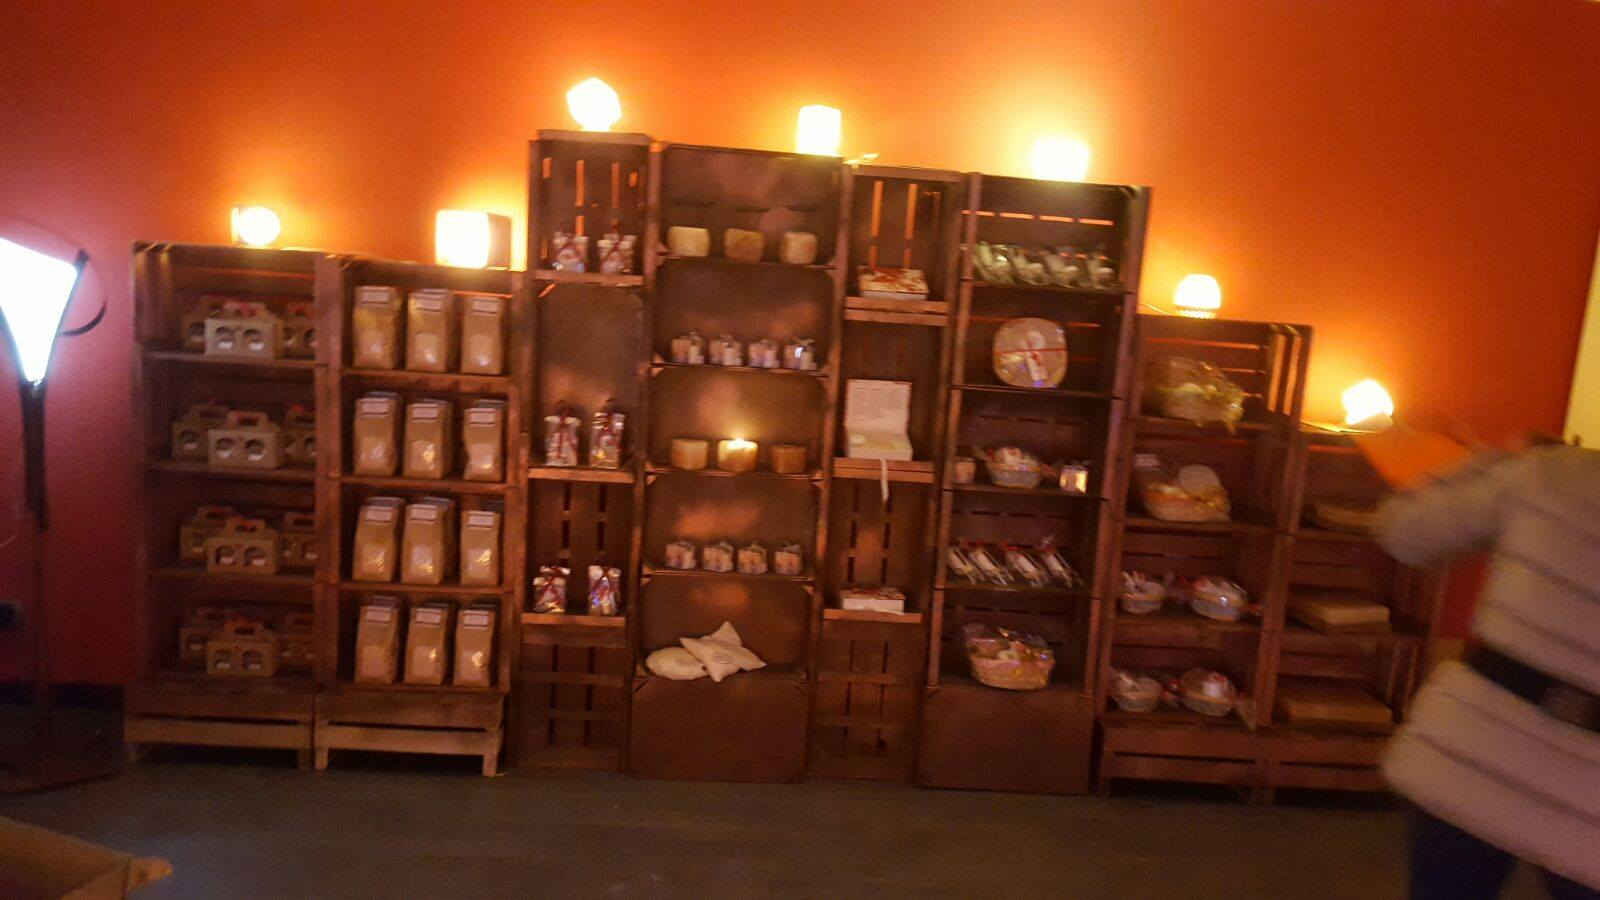 mensola con prodotti per la casa